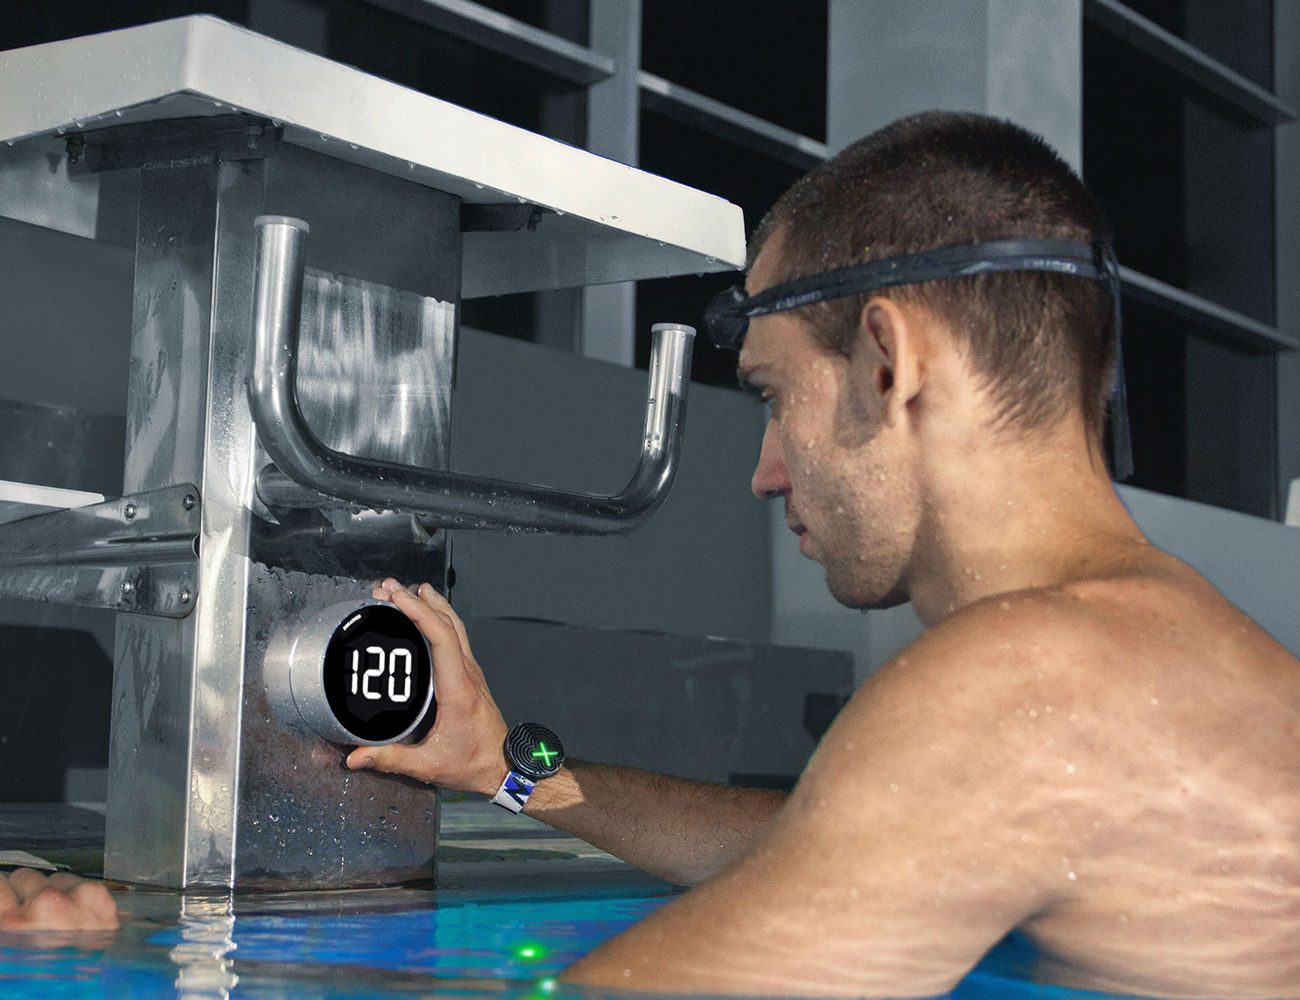 Swimmerix – The Super Accurate Swim Tracker